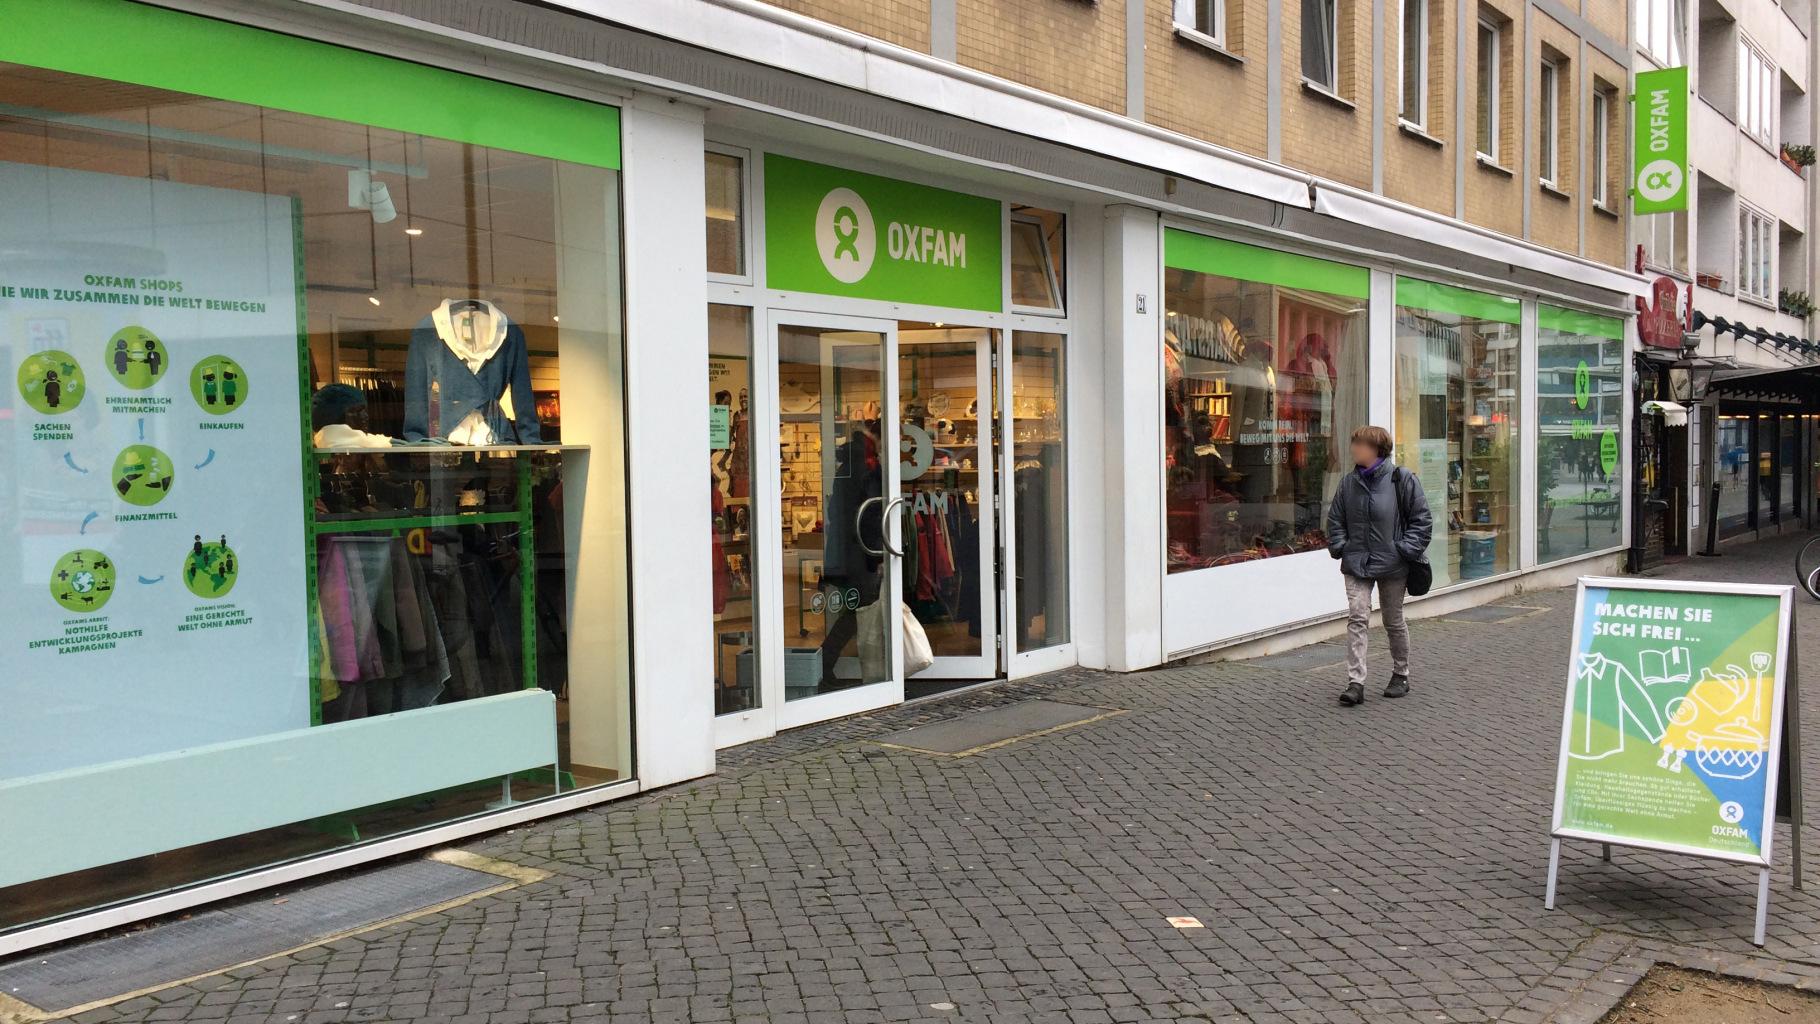 Oxfam Shop Braunschweig - Außenansicht